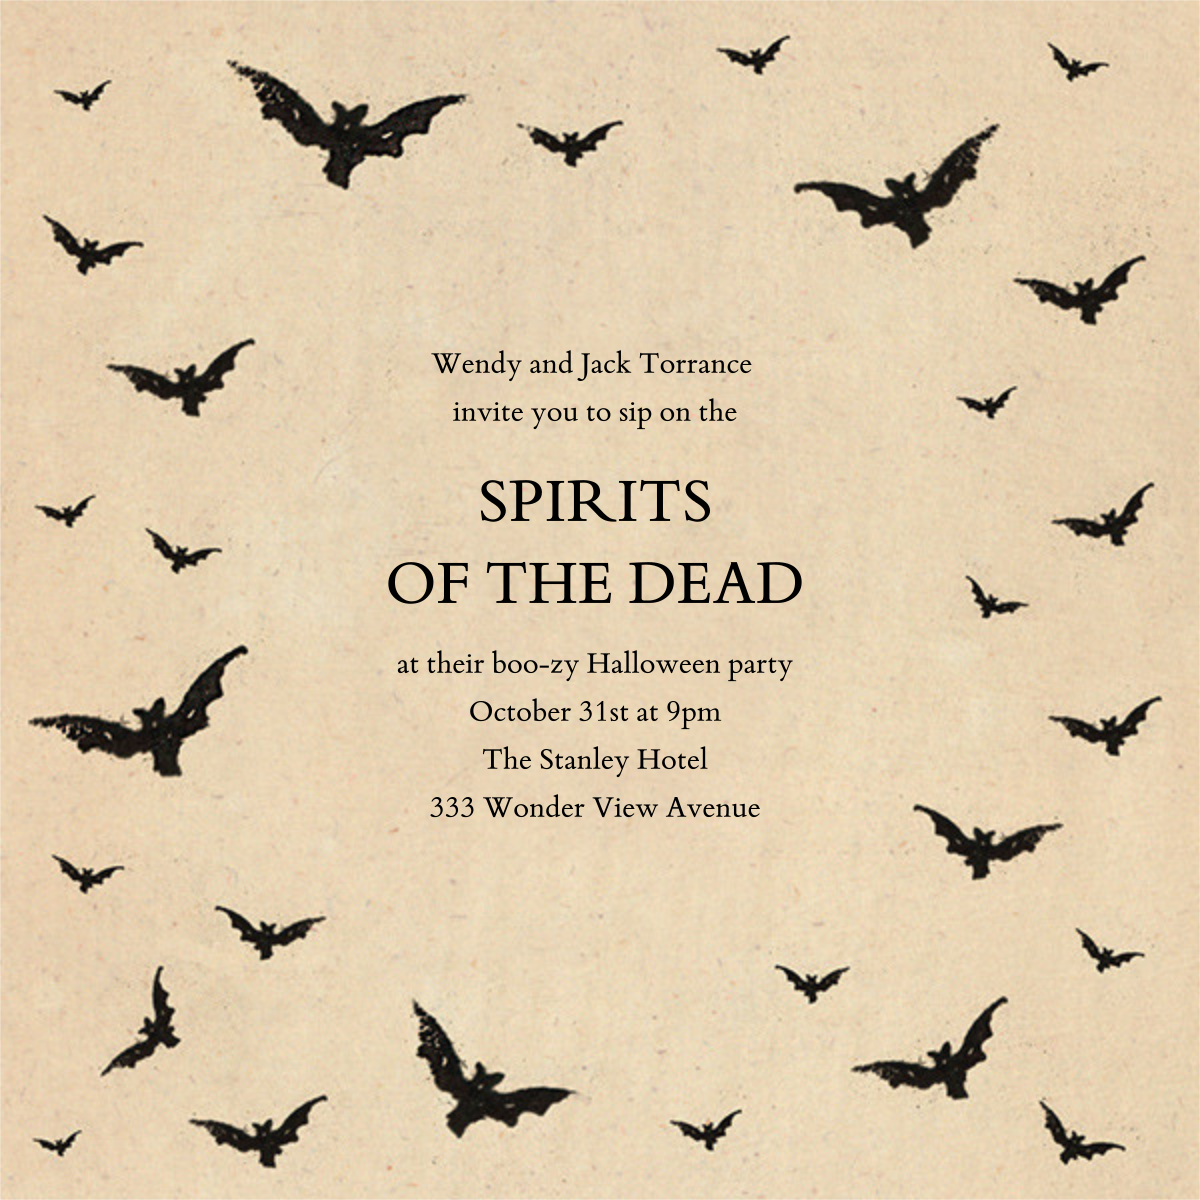 Bat Swarm - John Derian